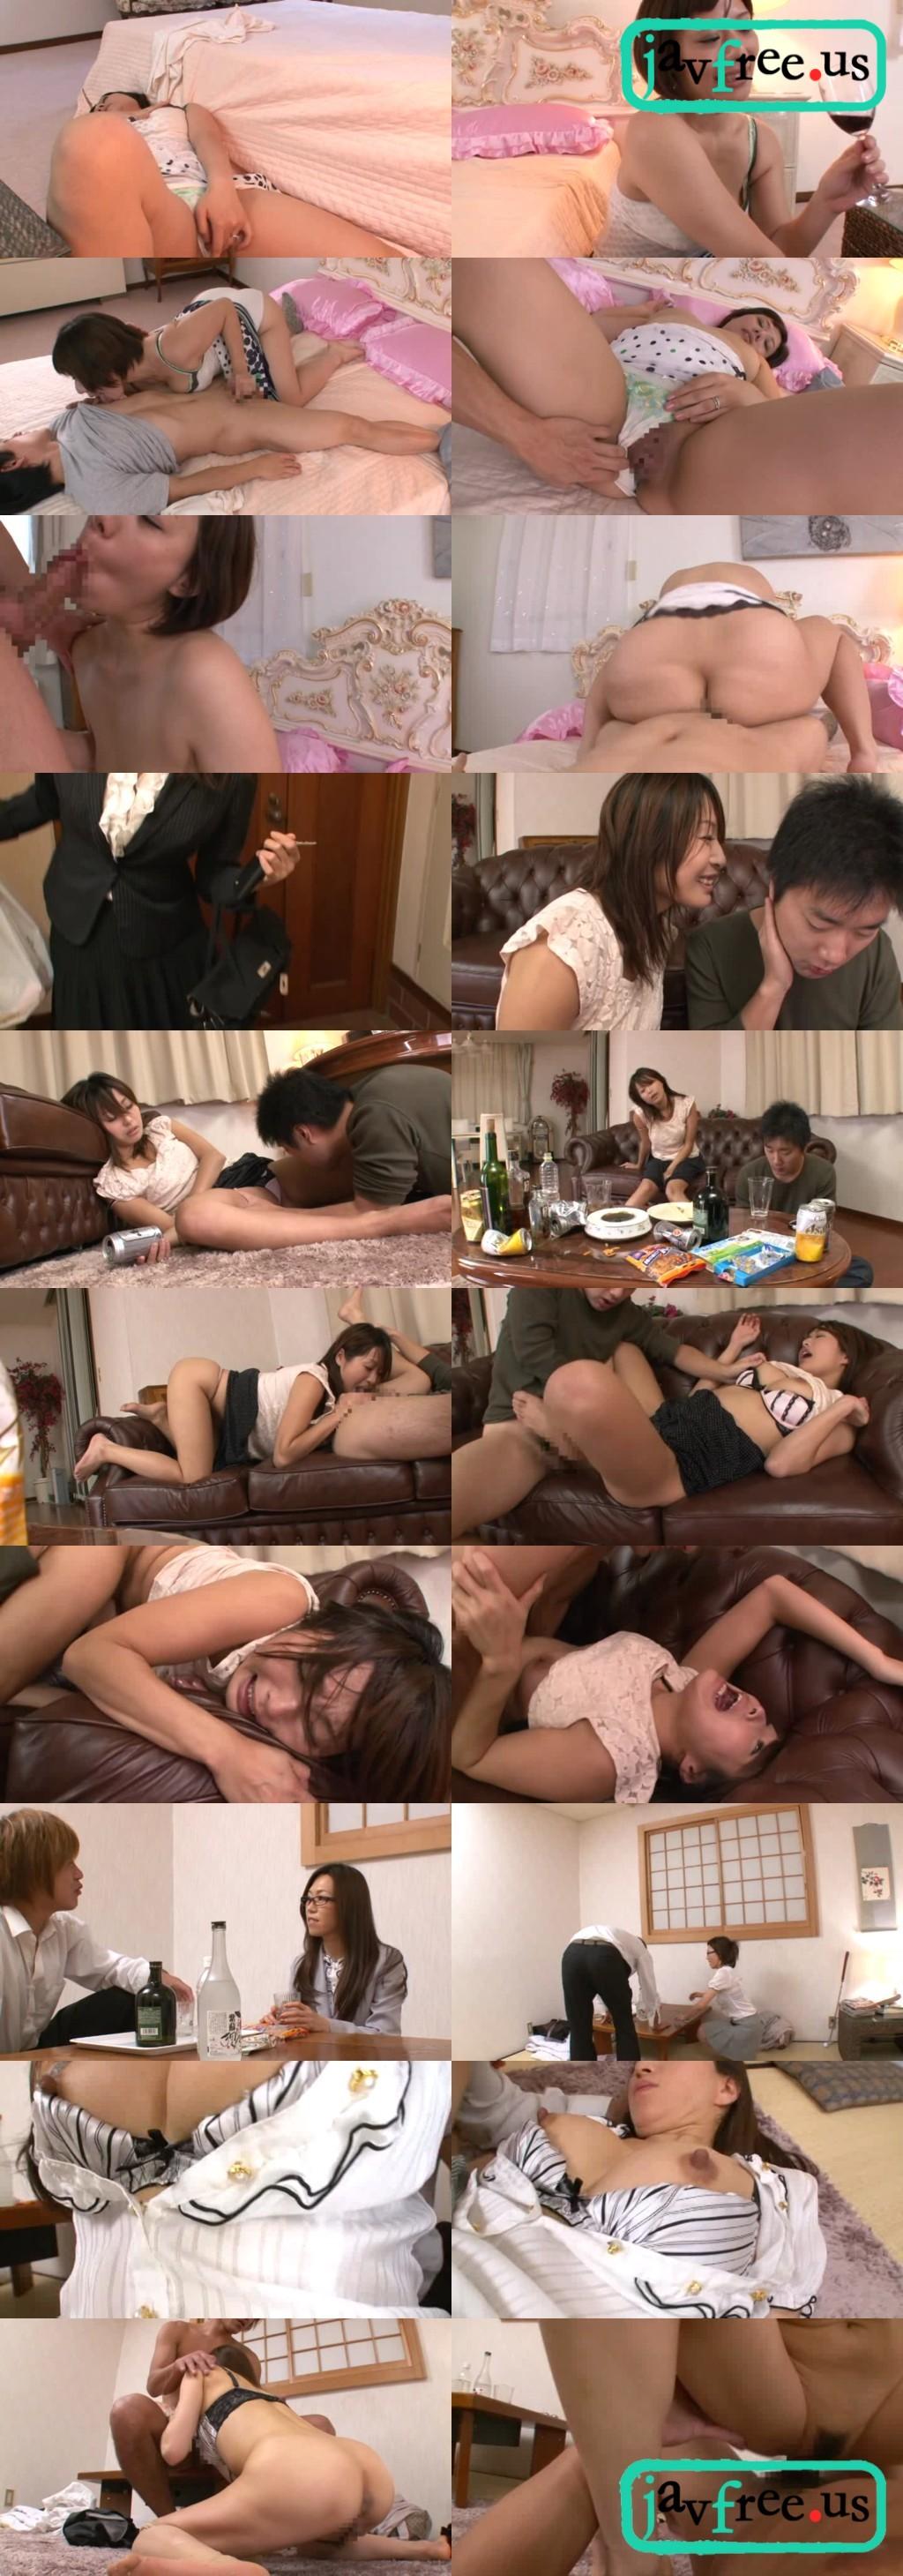 [NCYY-002] 欲求不満な人妻をちょっと酔わせたら… 2 - image NCYY002 on https://javfree.me